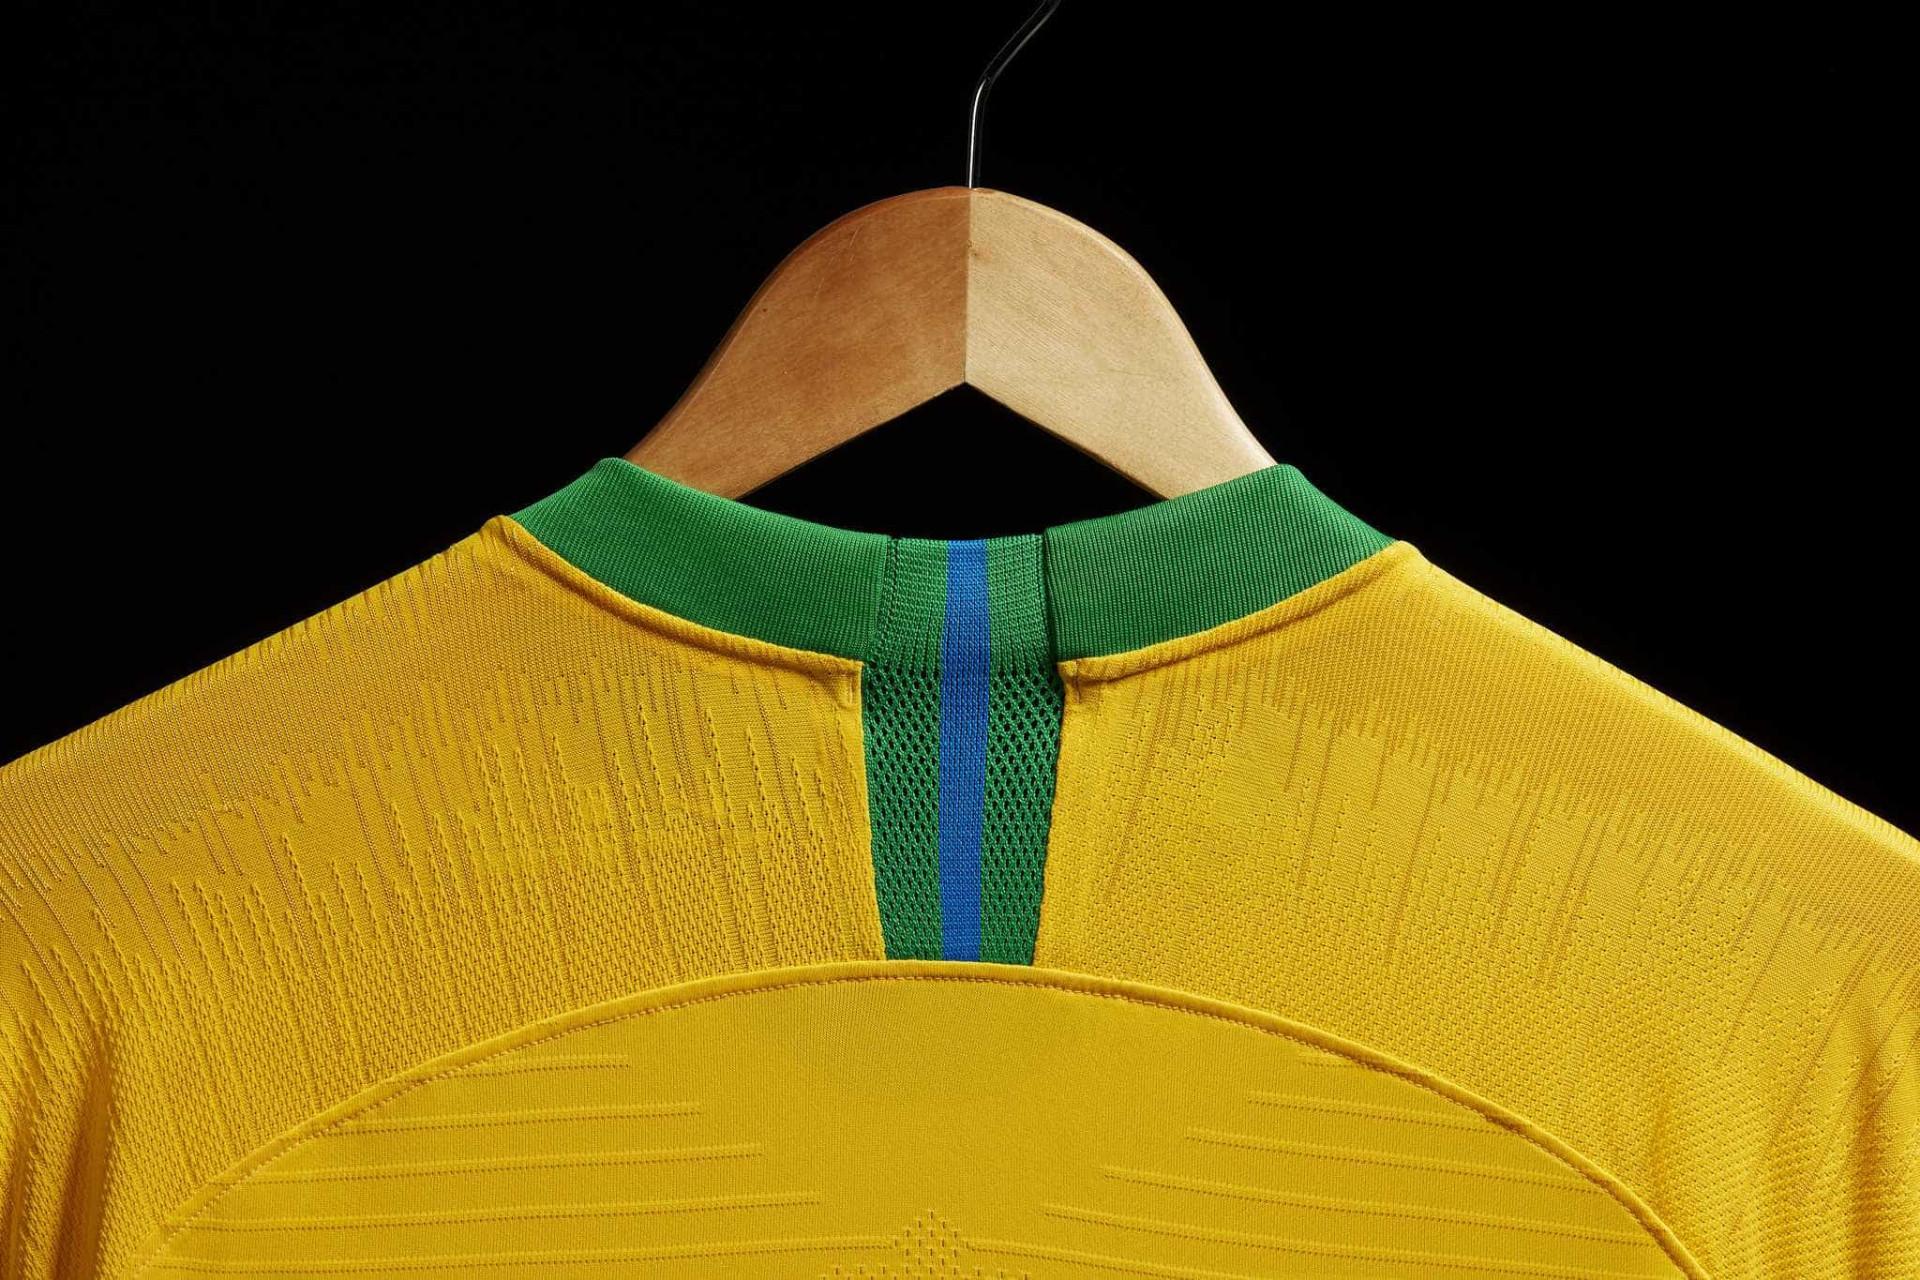 Confira o novo uniforme da seleção brasileira; fotos